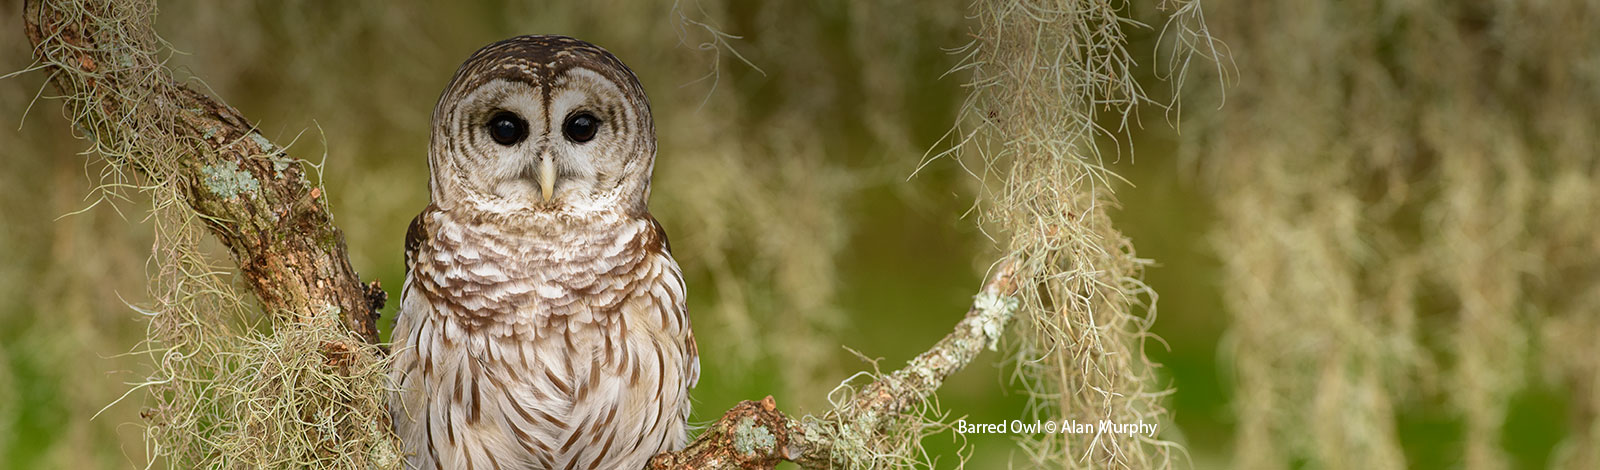 Barred Owl | Bird Gallery | Houston Audubon